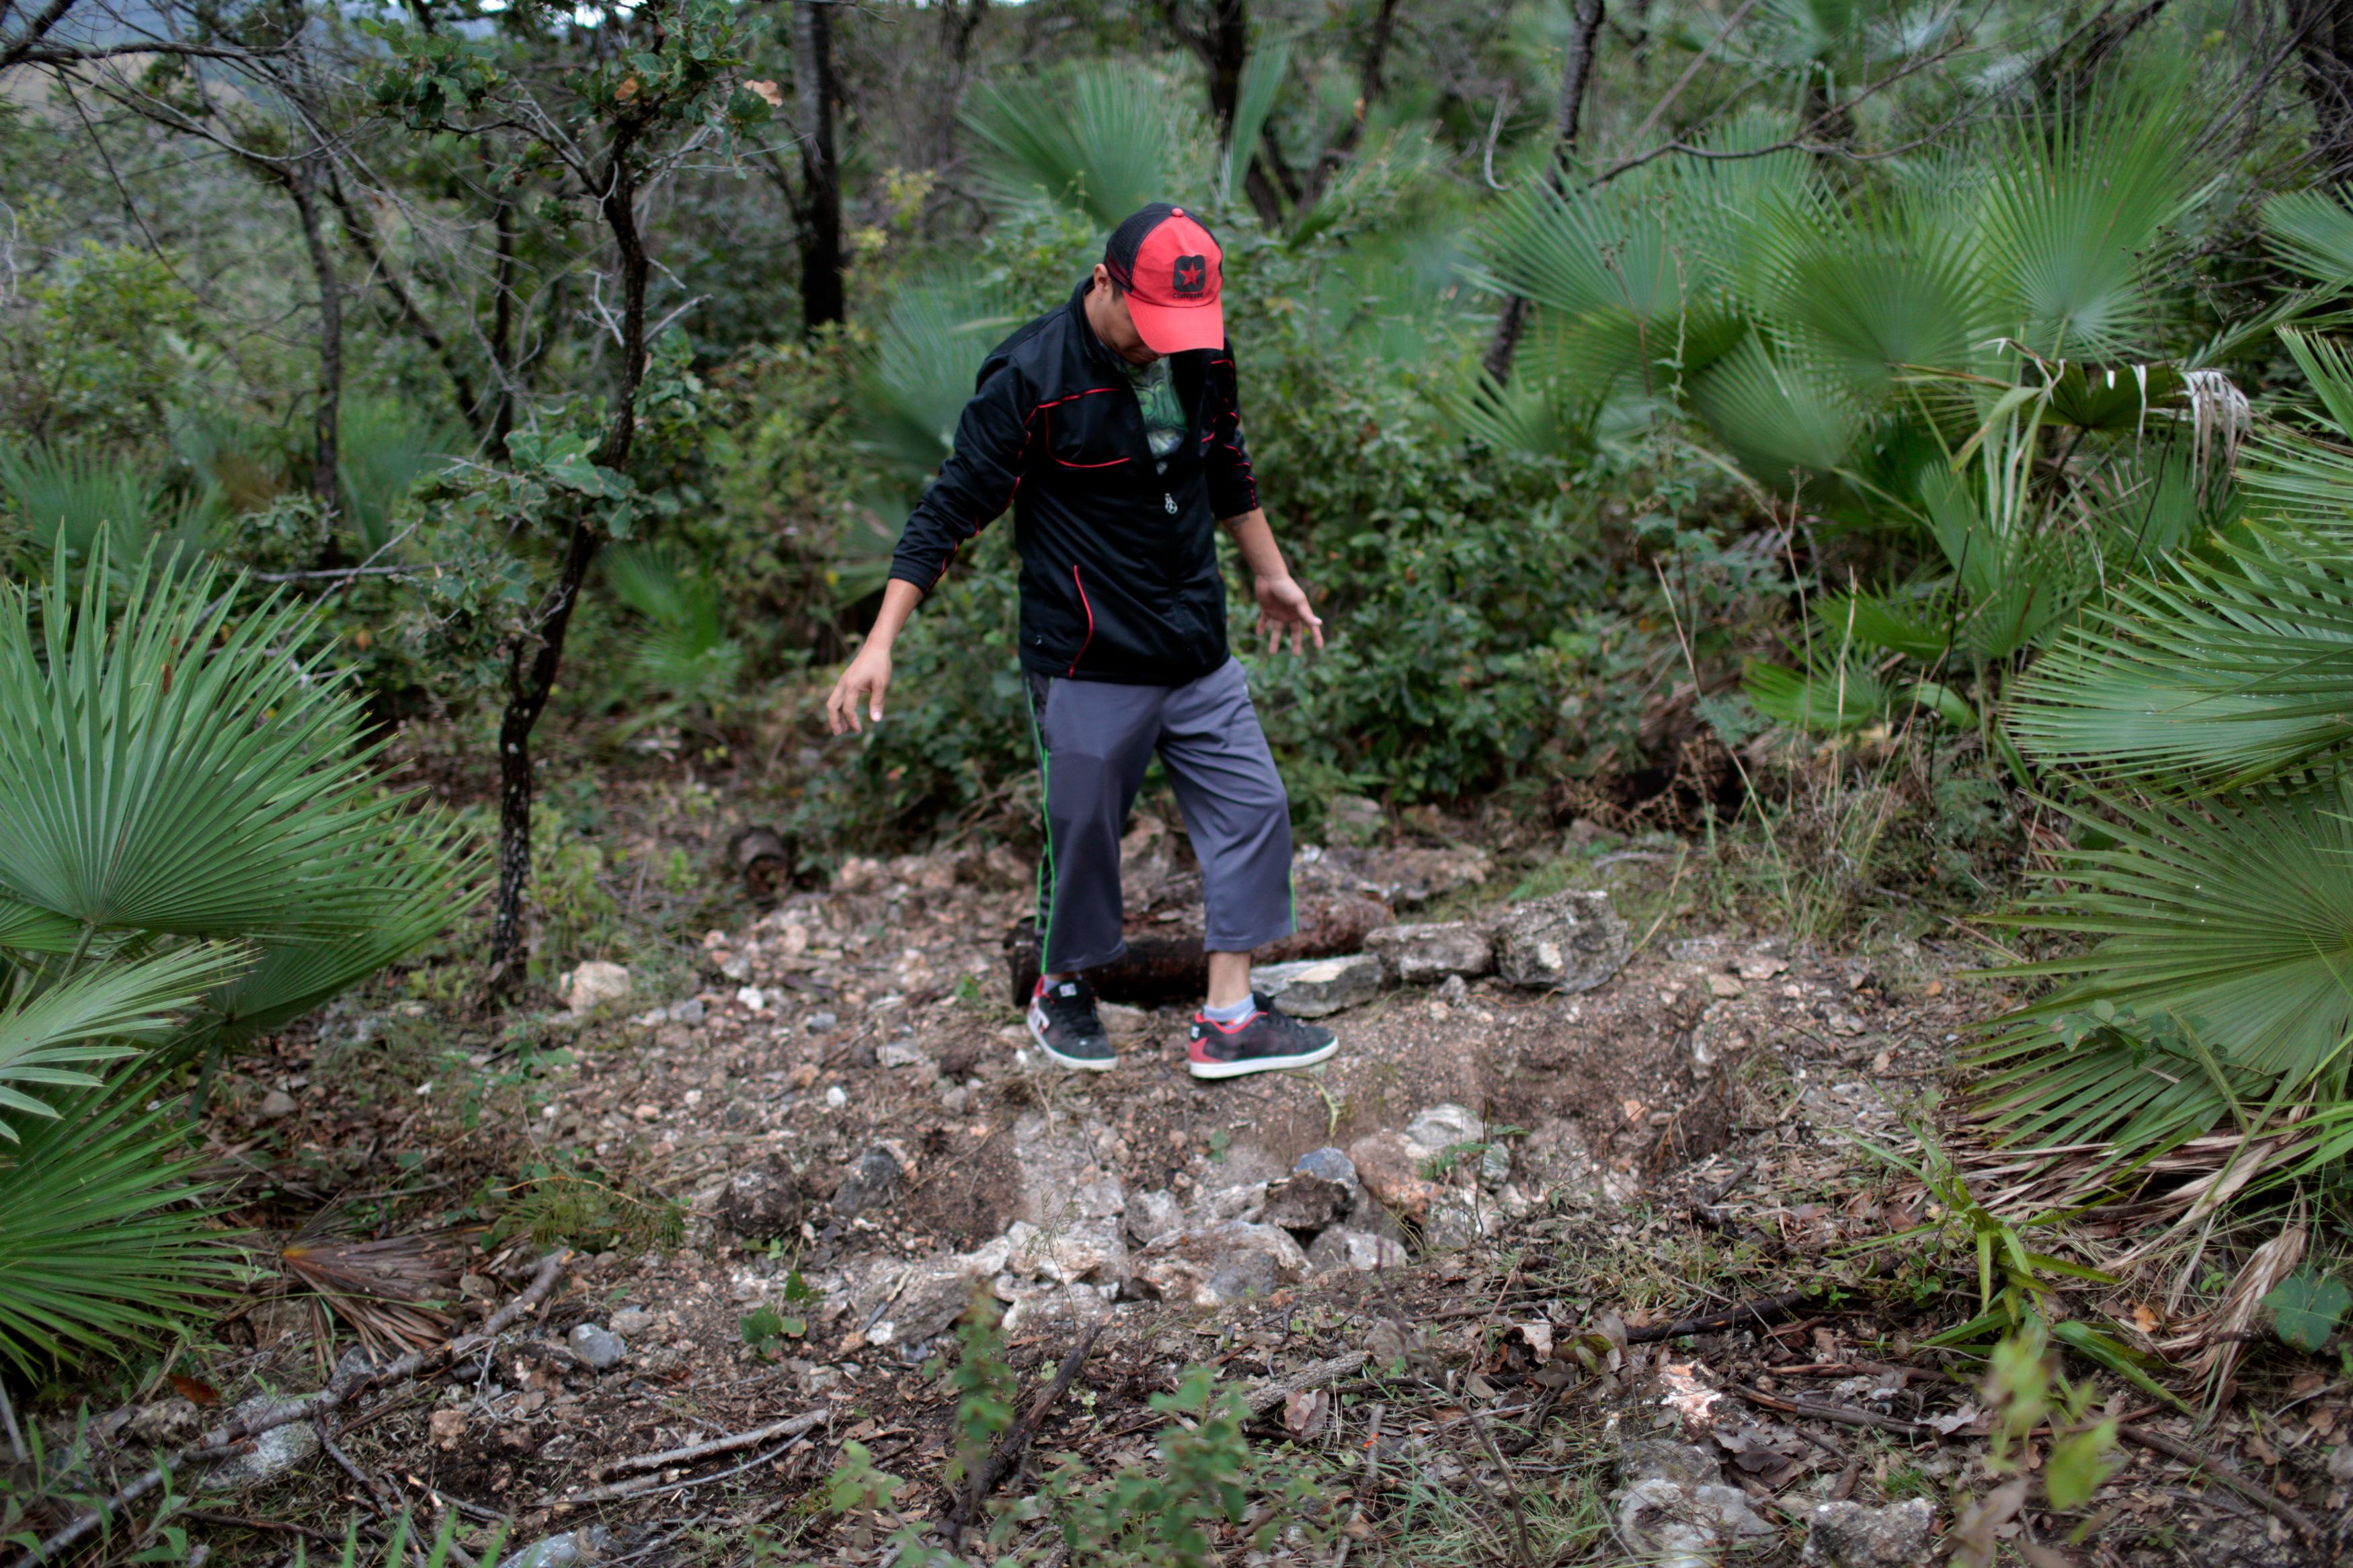 Los residentes de Carrizalillo, Guerrero, México. Localizan una fosa  clandestina en una vereda carca de las instalaciones de la mina Carrisalillo. Los restos humanos fueron encontrados el 19 de noviembre del 2015. fotografía: Pedro Pardo.